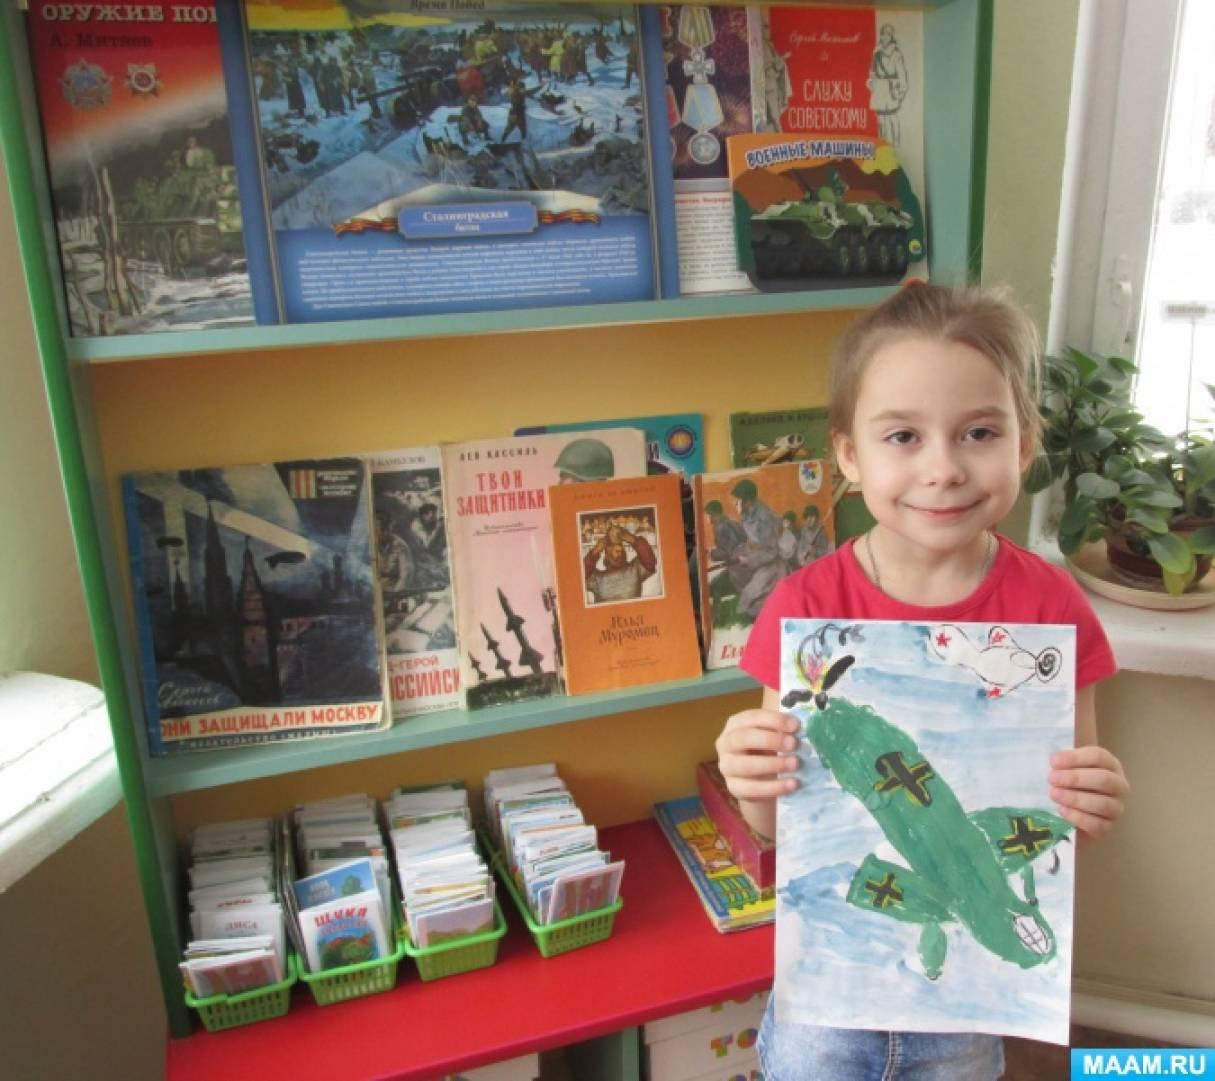 Фотоотчет о творческих работах детей старшей группы ко Дню защитника Отечества